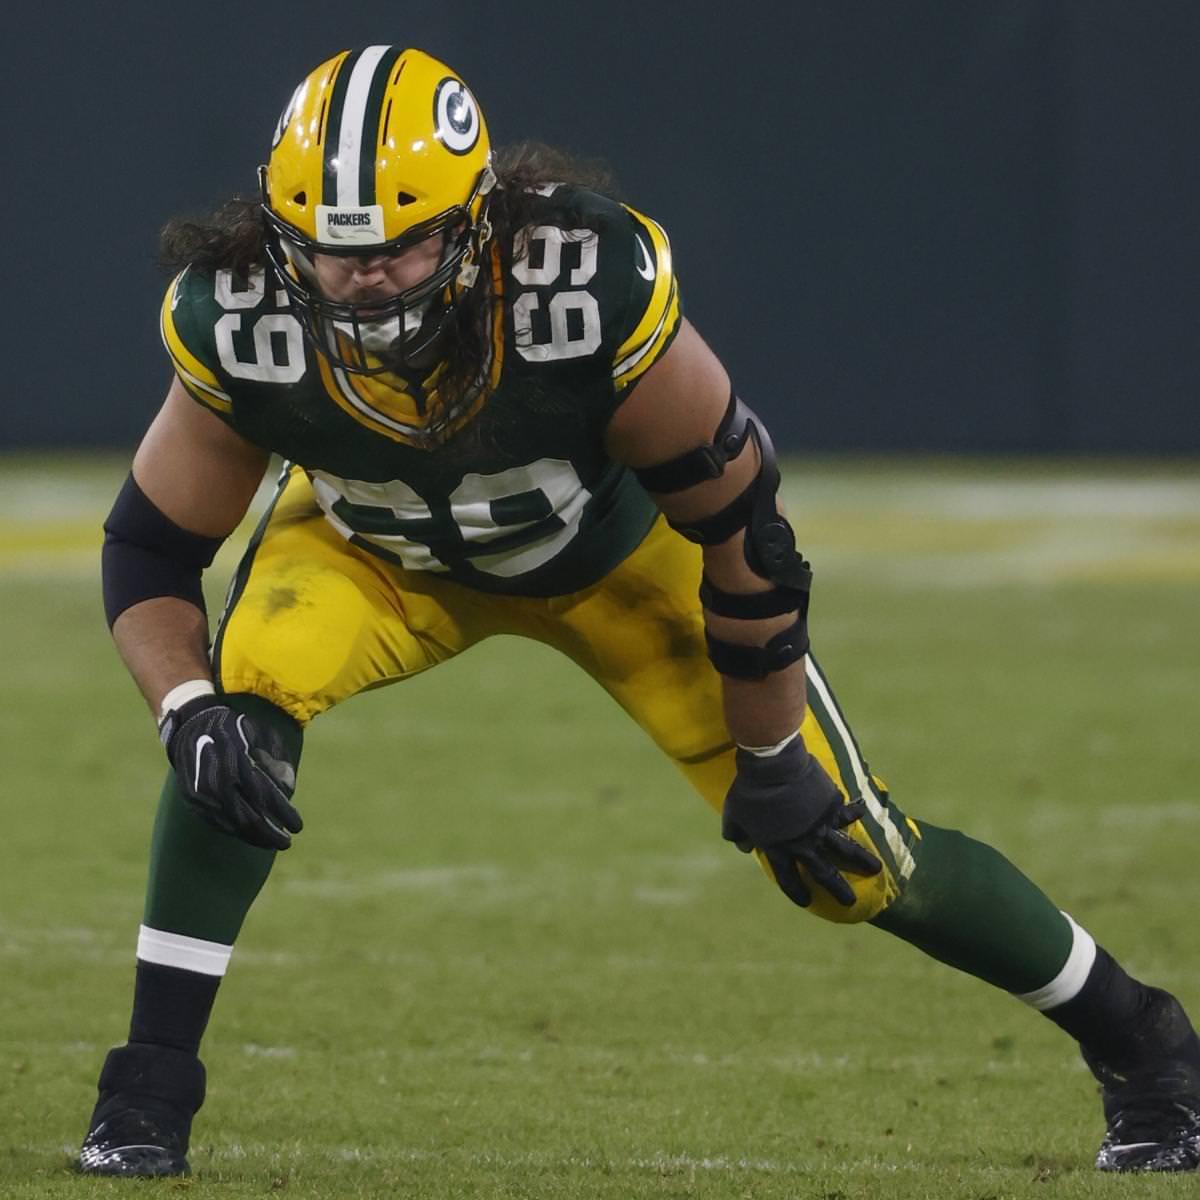 Packers começando LT David Bakhtiari supostamente sofre de lesão no joelho no final da temporada